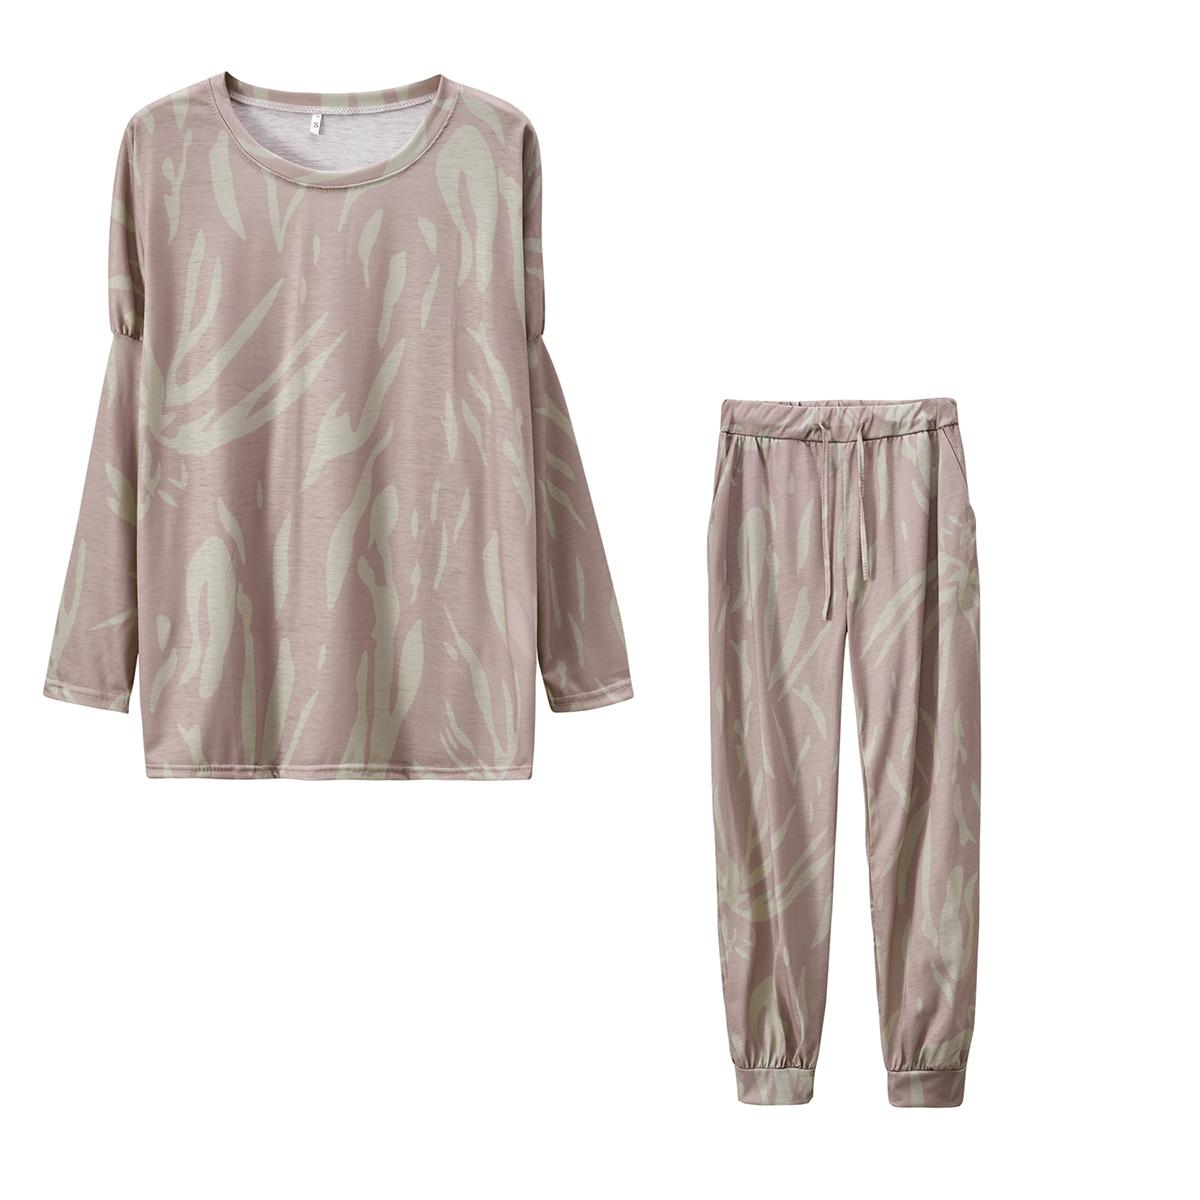 Женские пижамные комплекты с круглым вырезом и цветочным рисунком